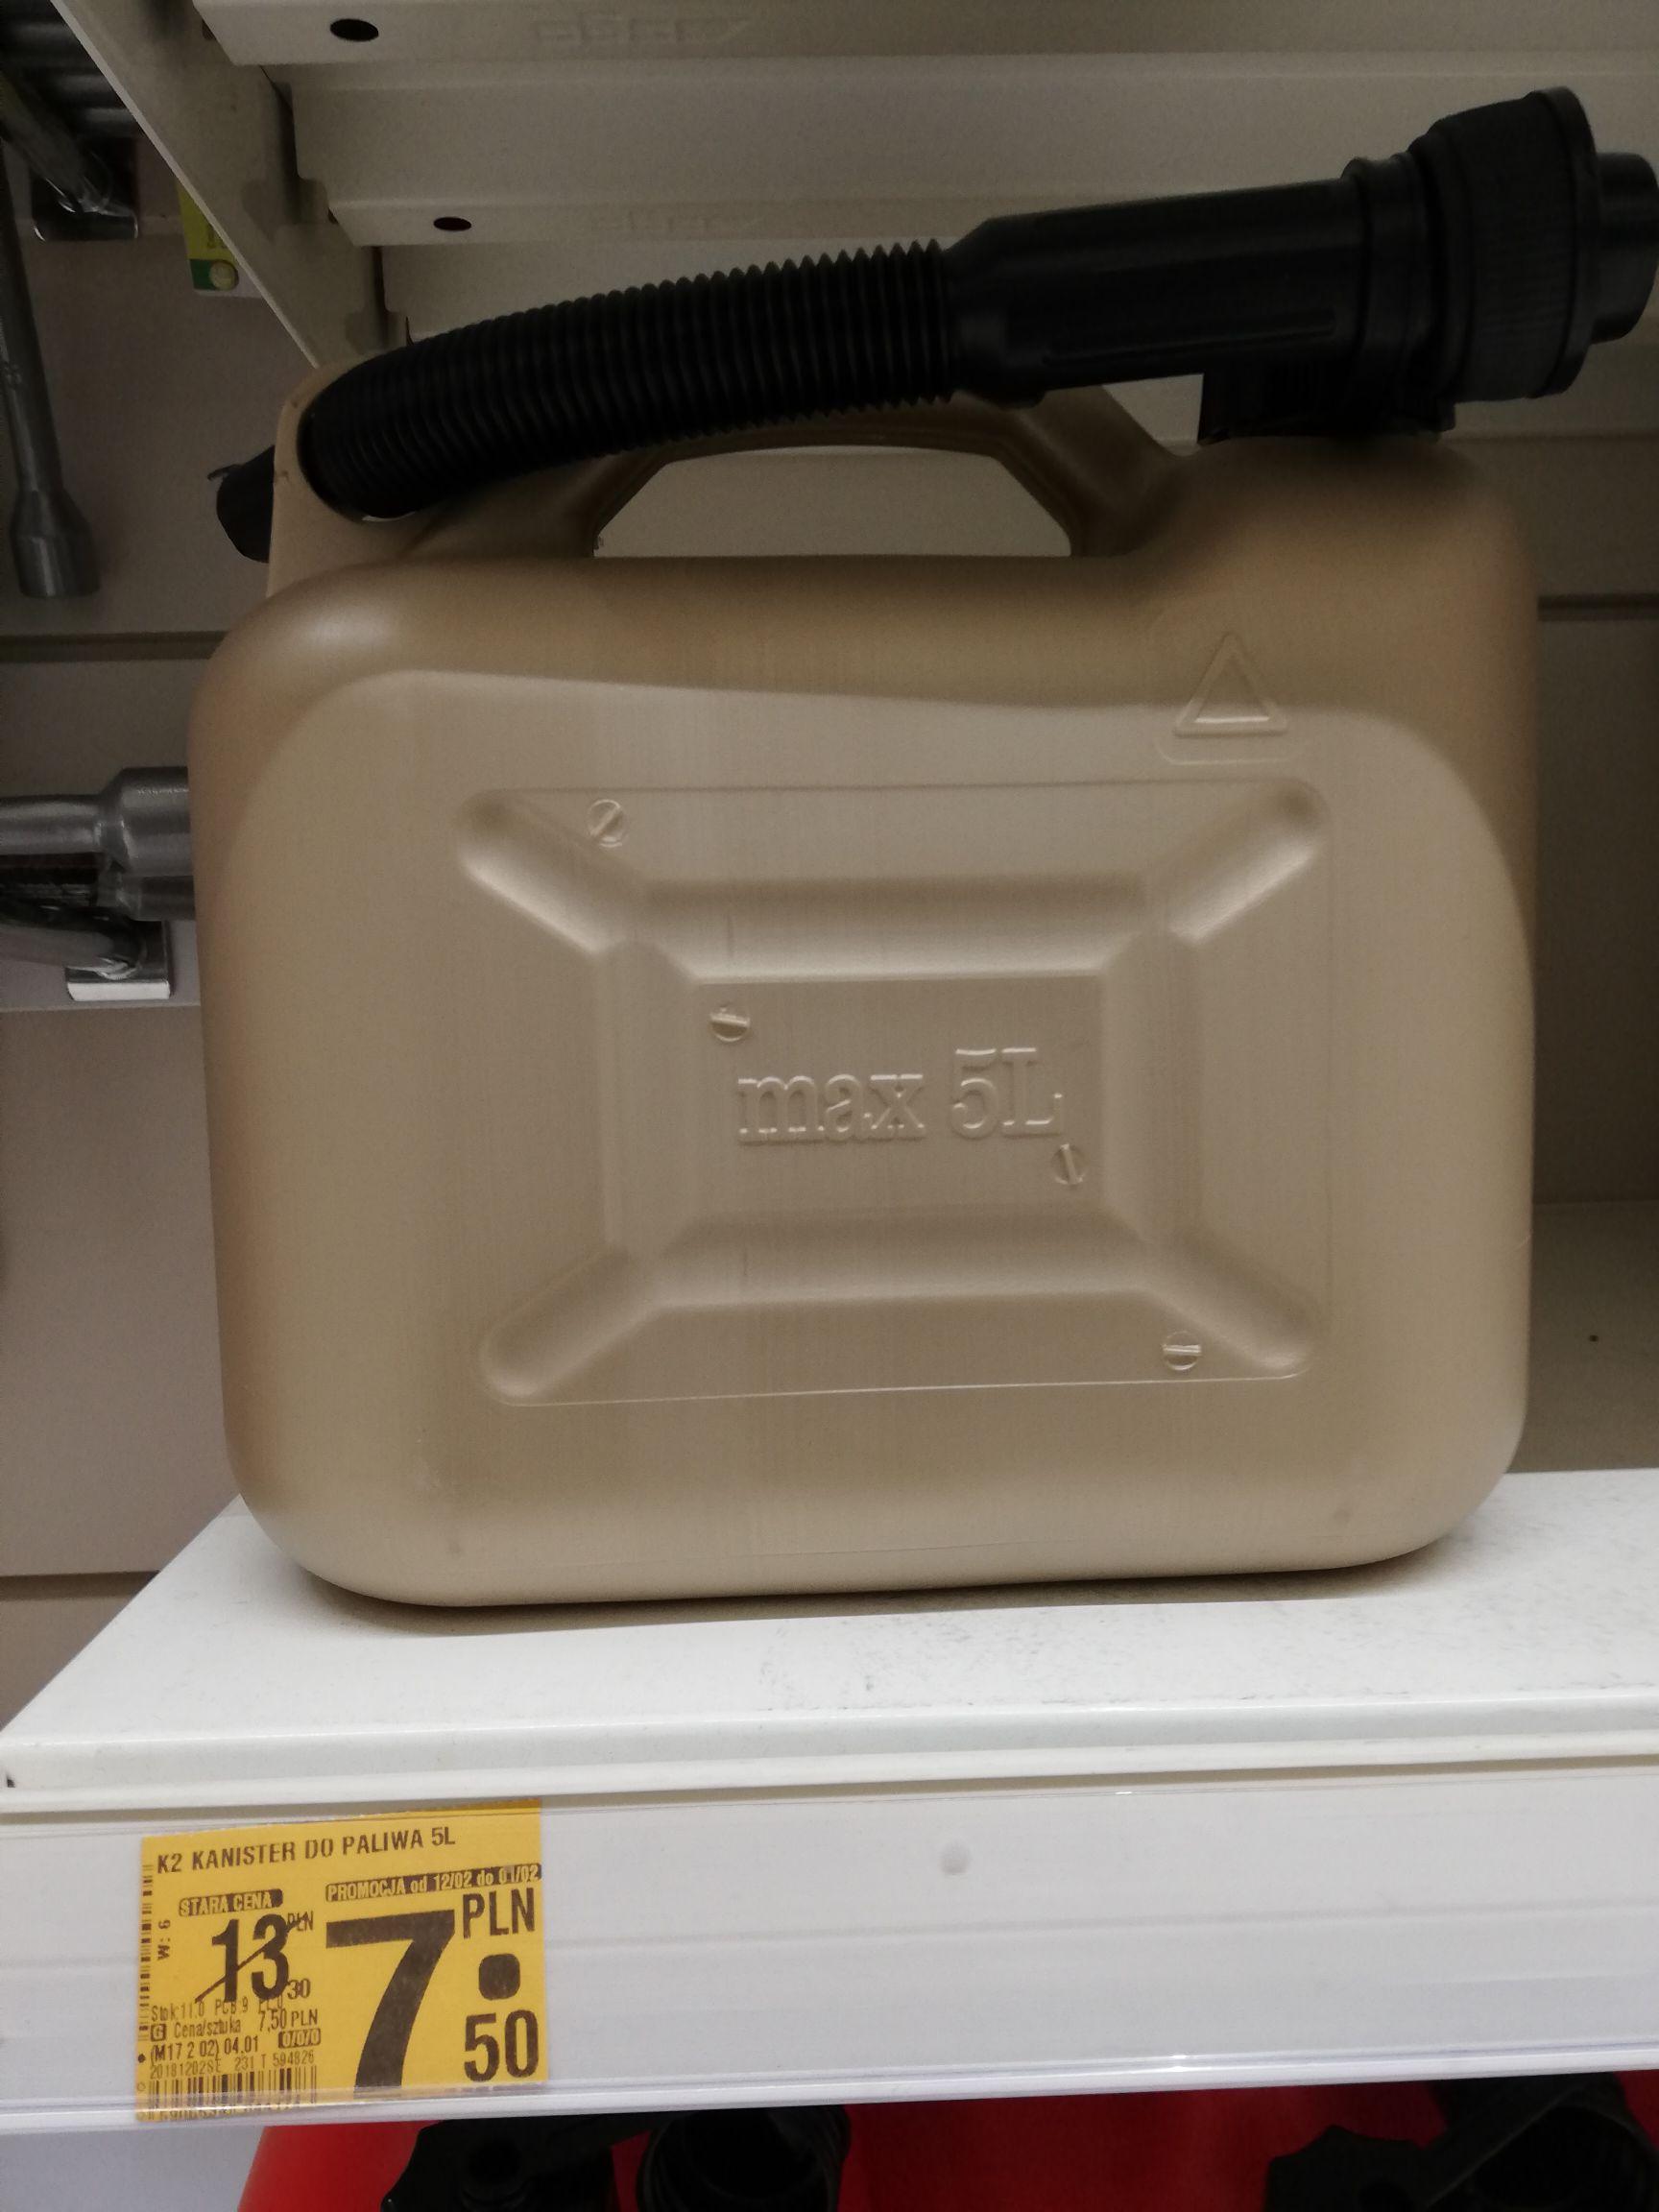 K2 Kanister na paliwo + Lejek 5l Auchan